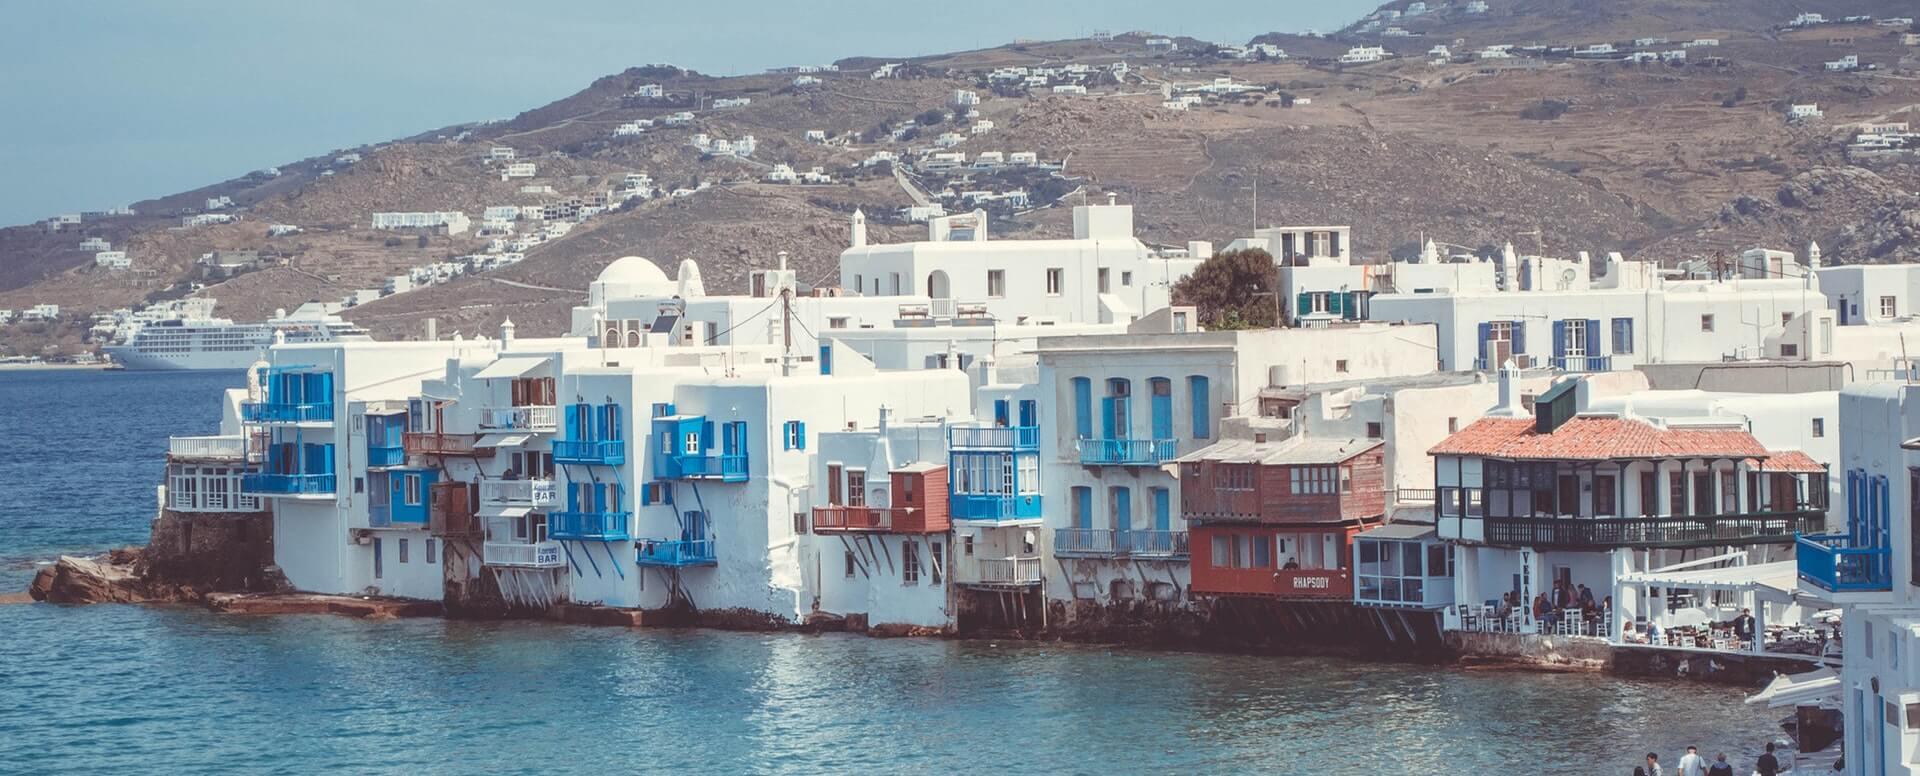 Les activités à Mykonos - Cyclades - Mykonos